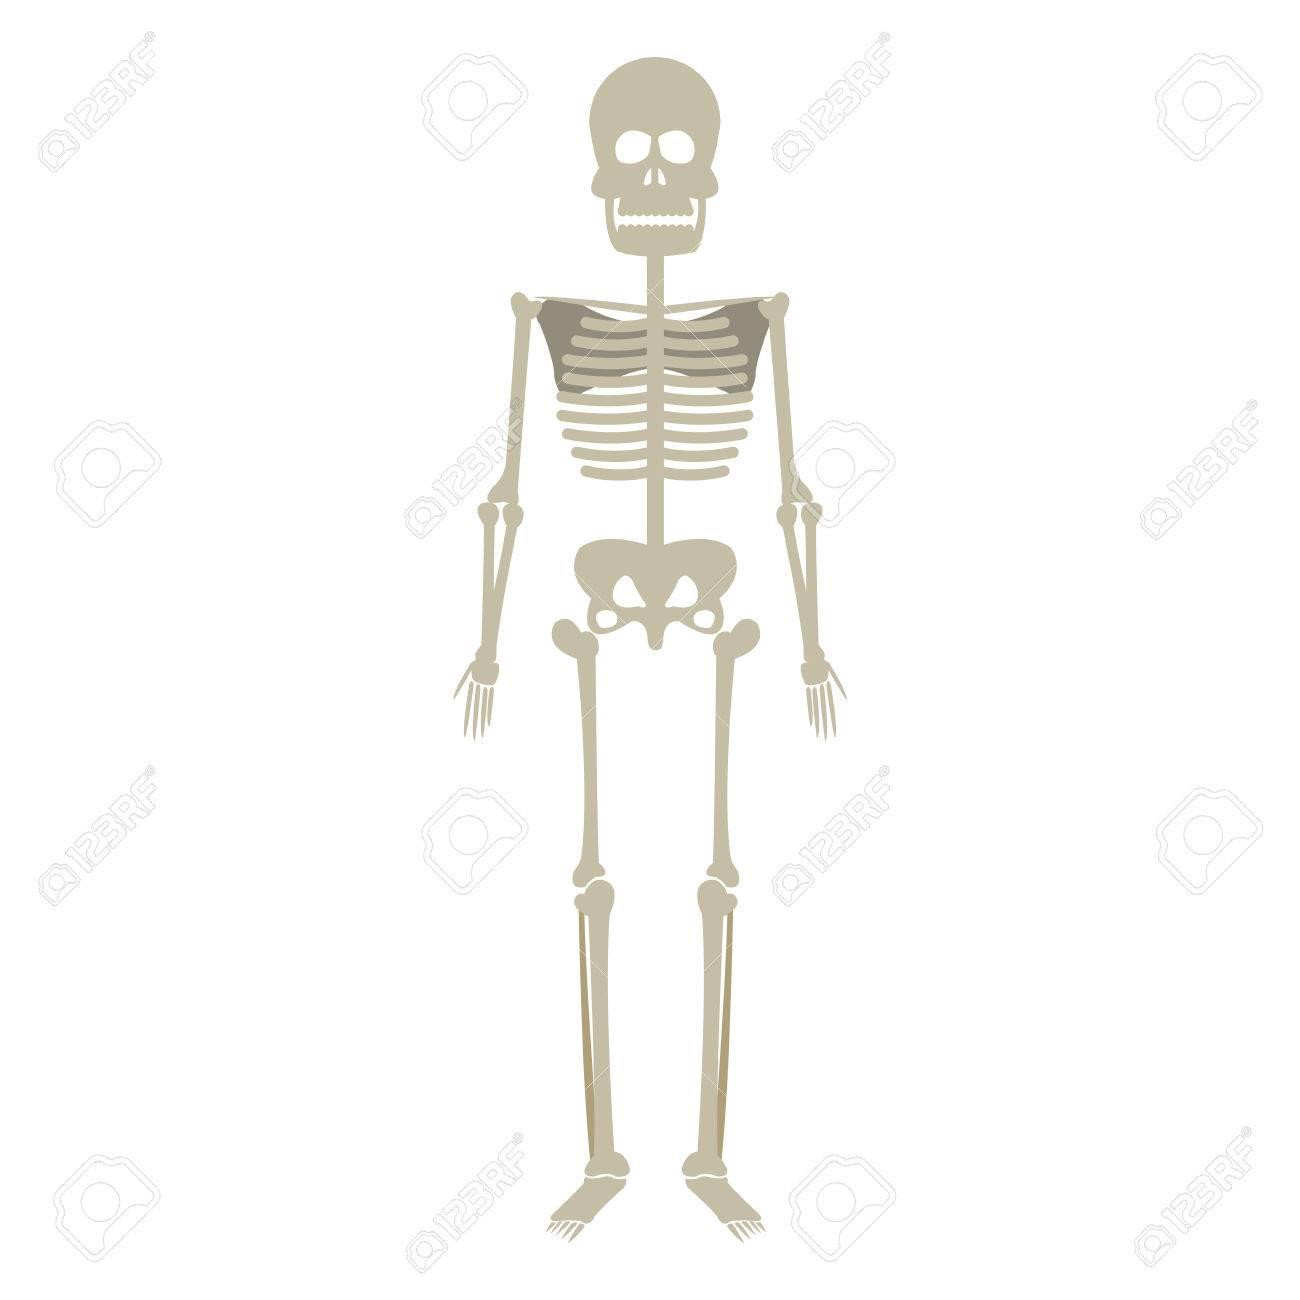 Esqueleto Humano Anatomía Cráneo Hueso Médico Ilustración Vectorial ...